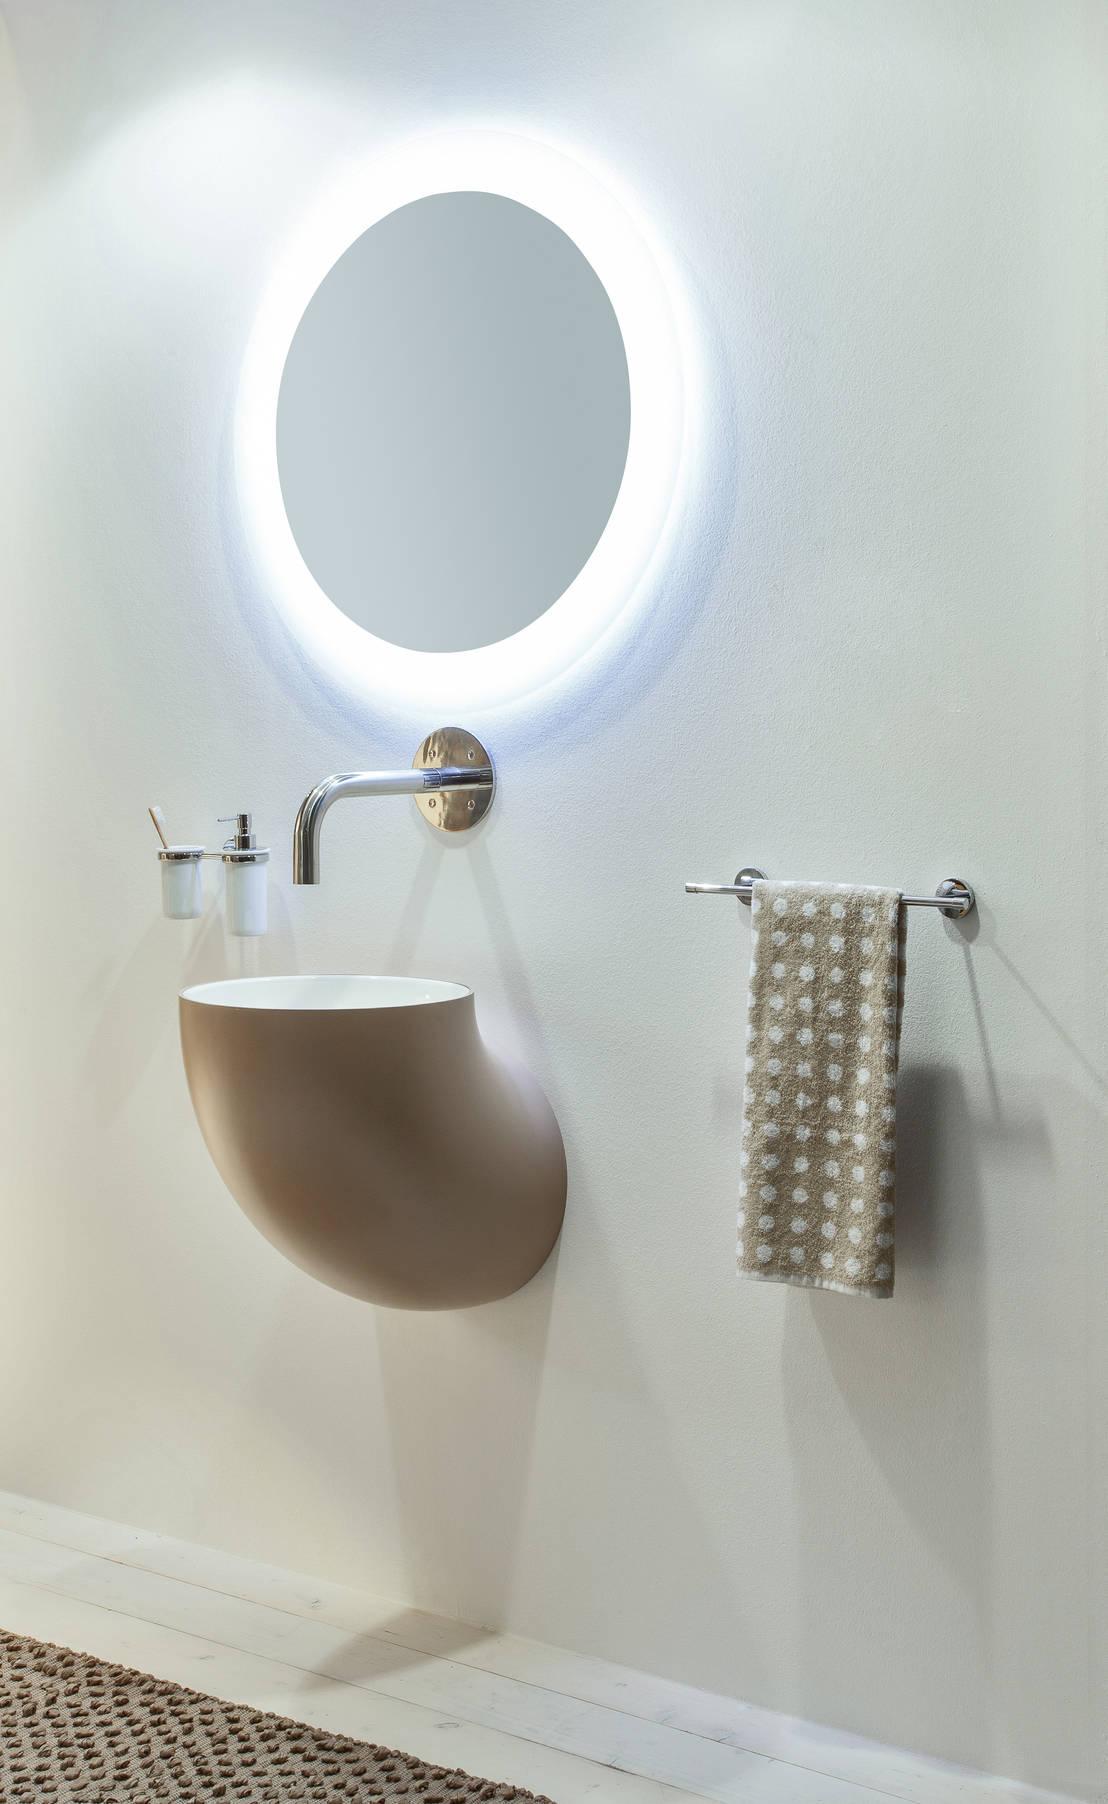 Arredo bagno il lavabo moderno for Lavabo moderno bagno